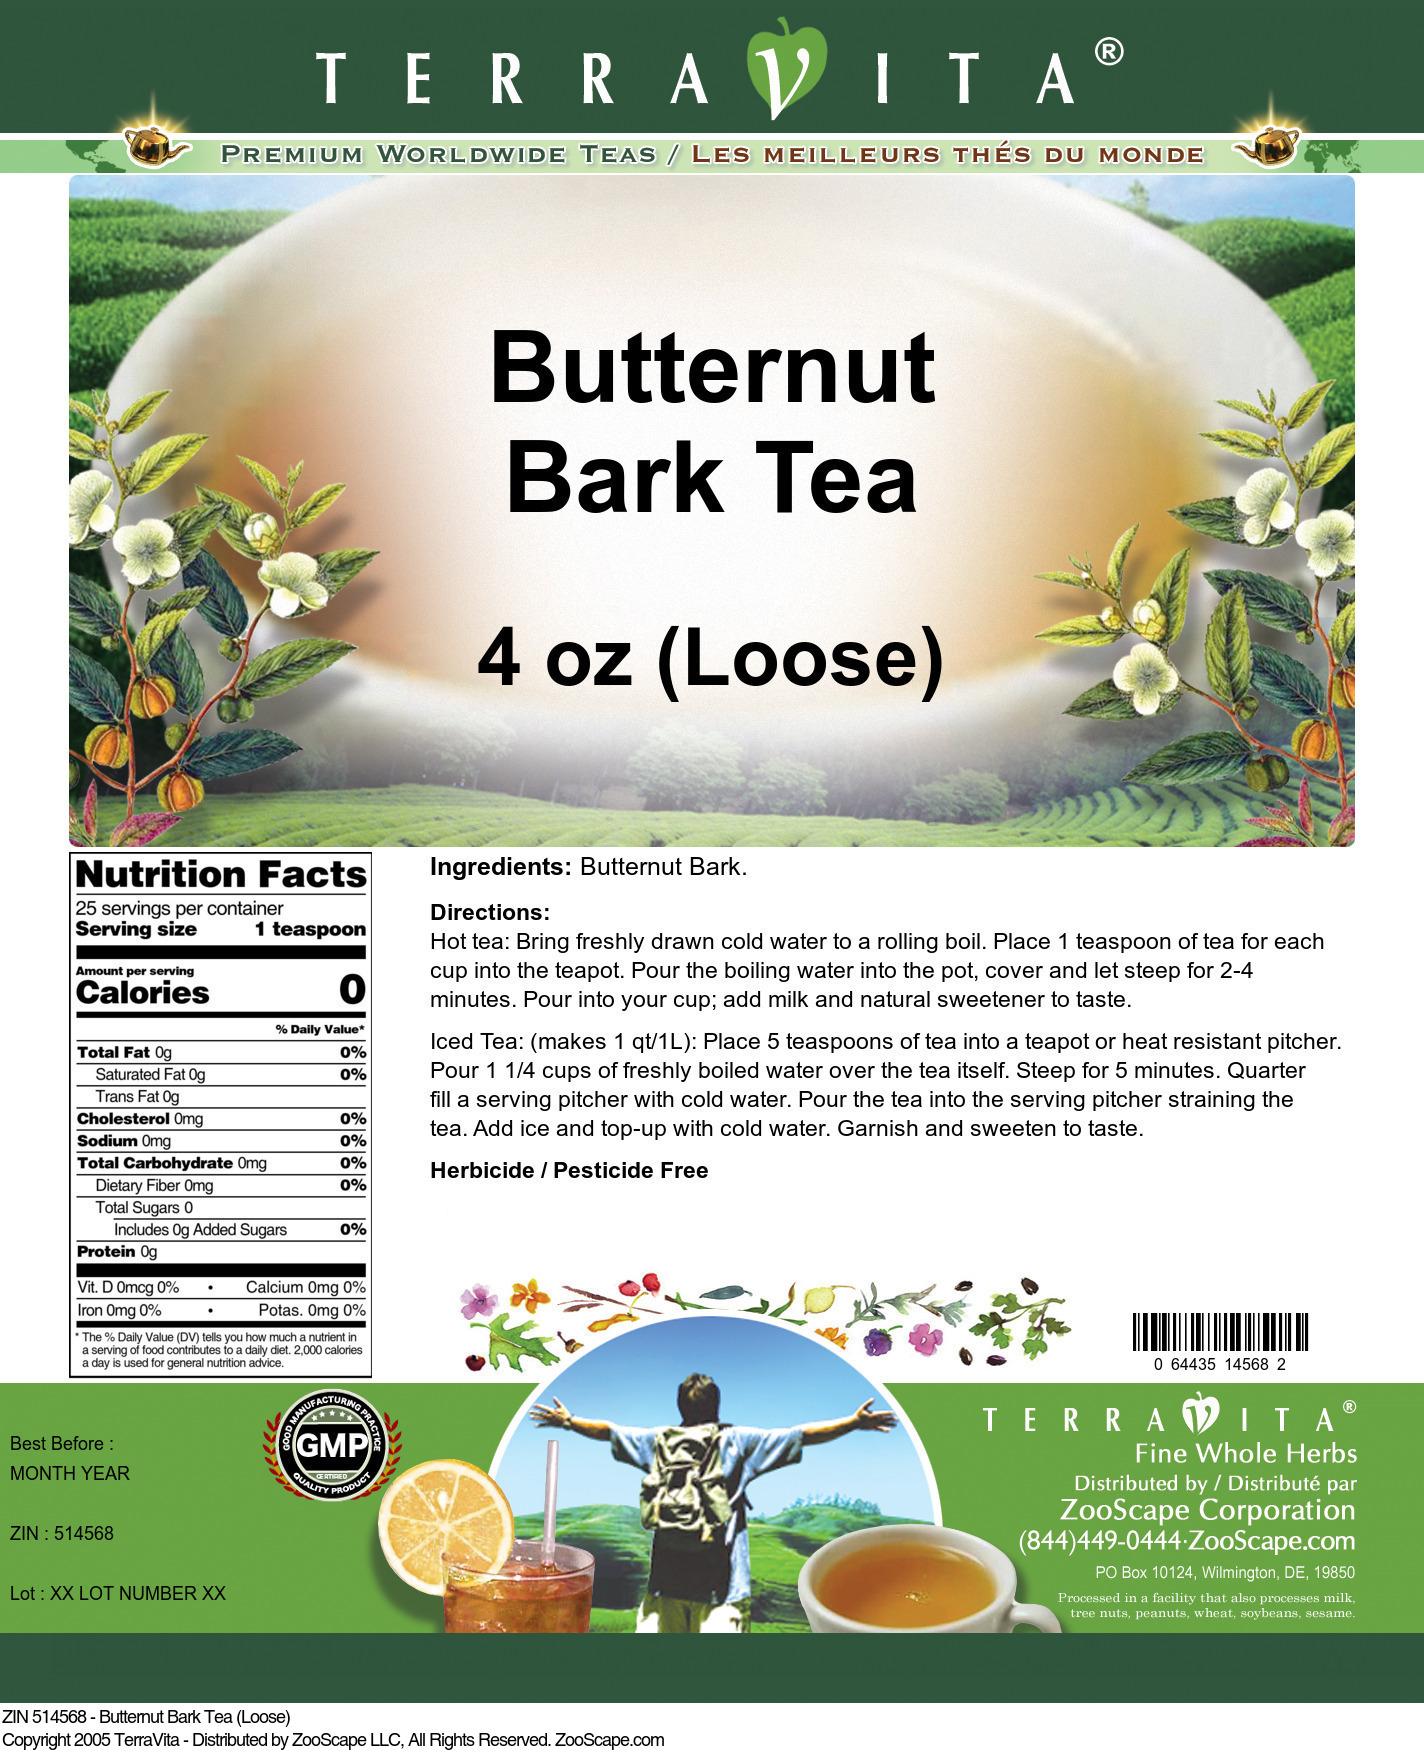 Butternut Bark